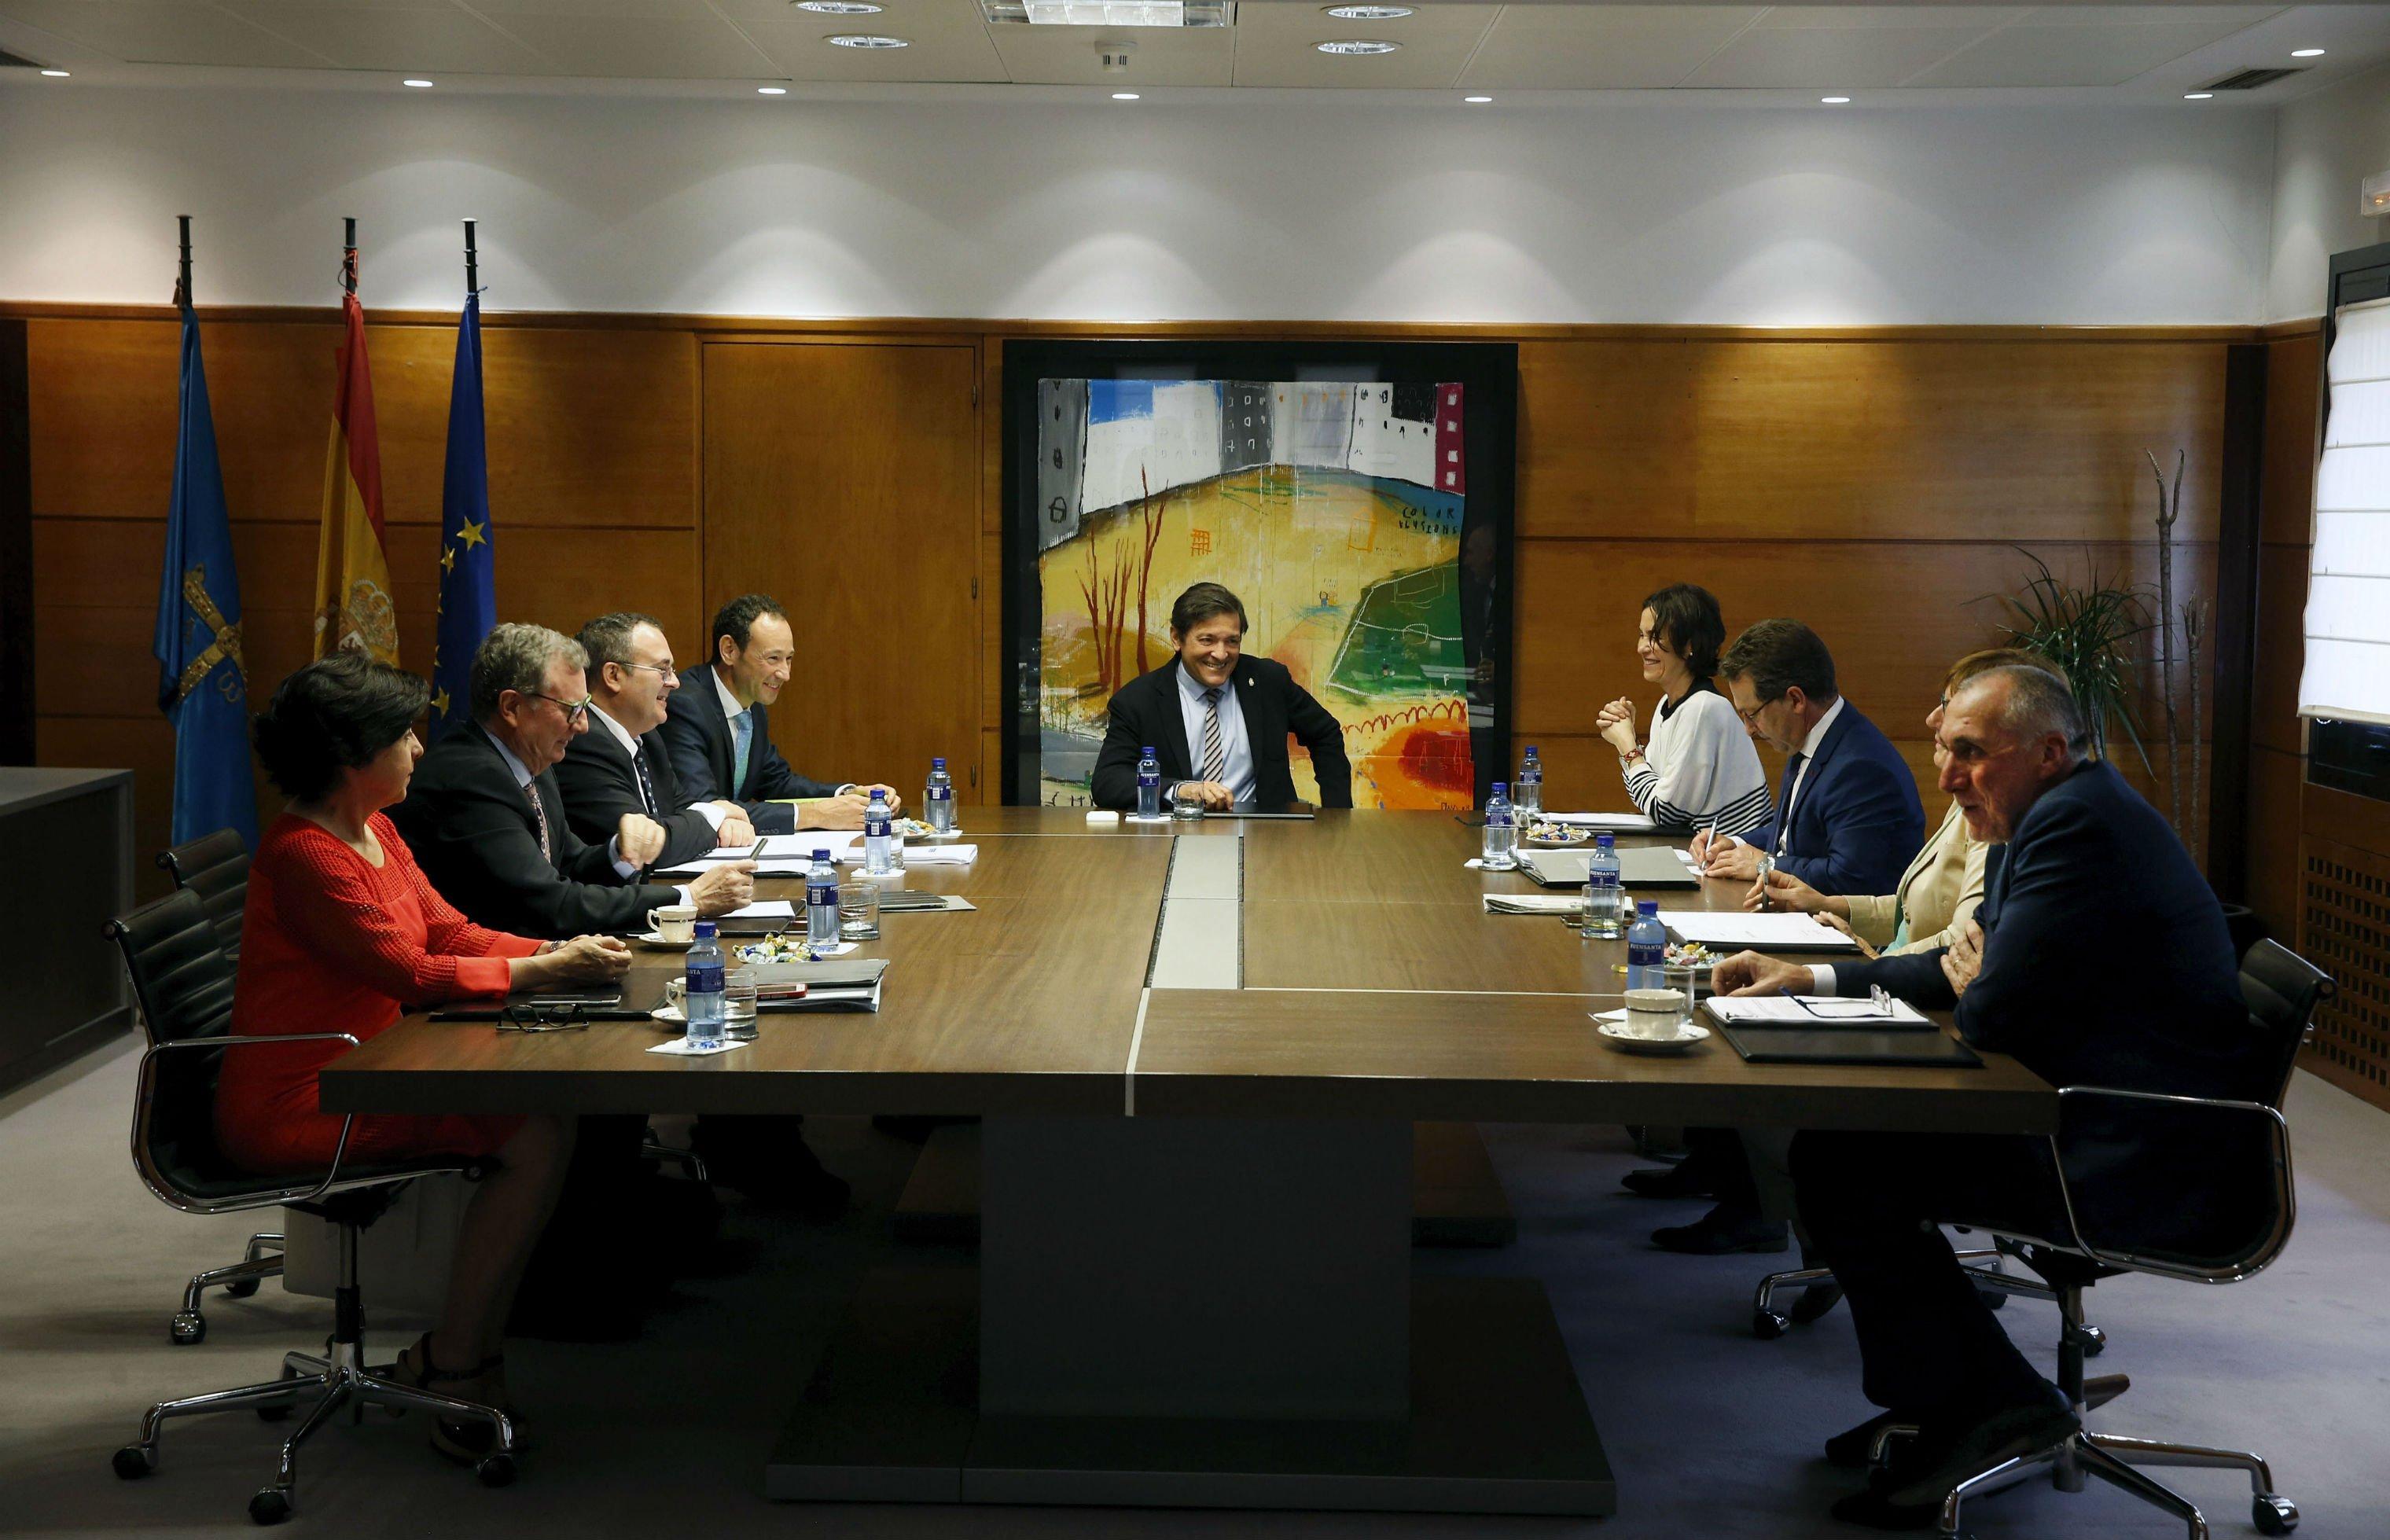 El Gobierno de Asturias aprueba un gasto de 29,2 millones para facilitar el acceso al empleo de parados y personas con discapacidad